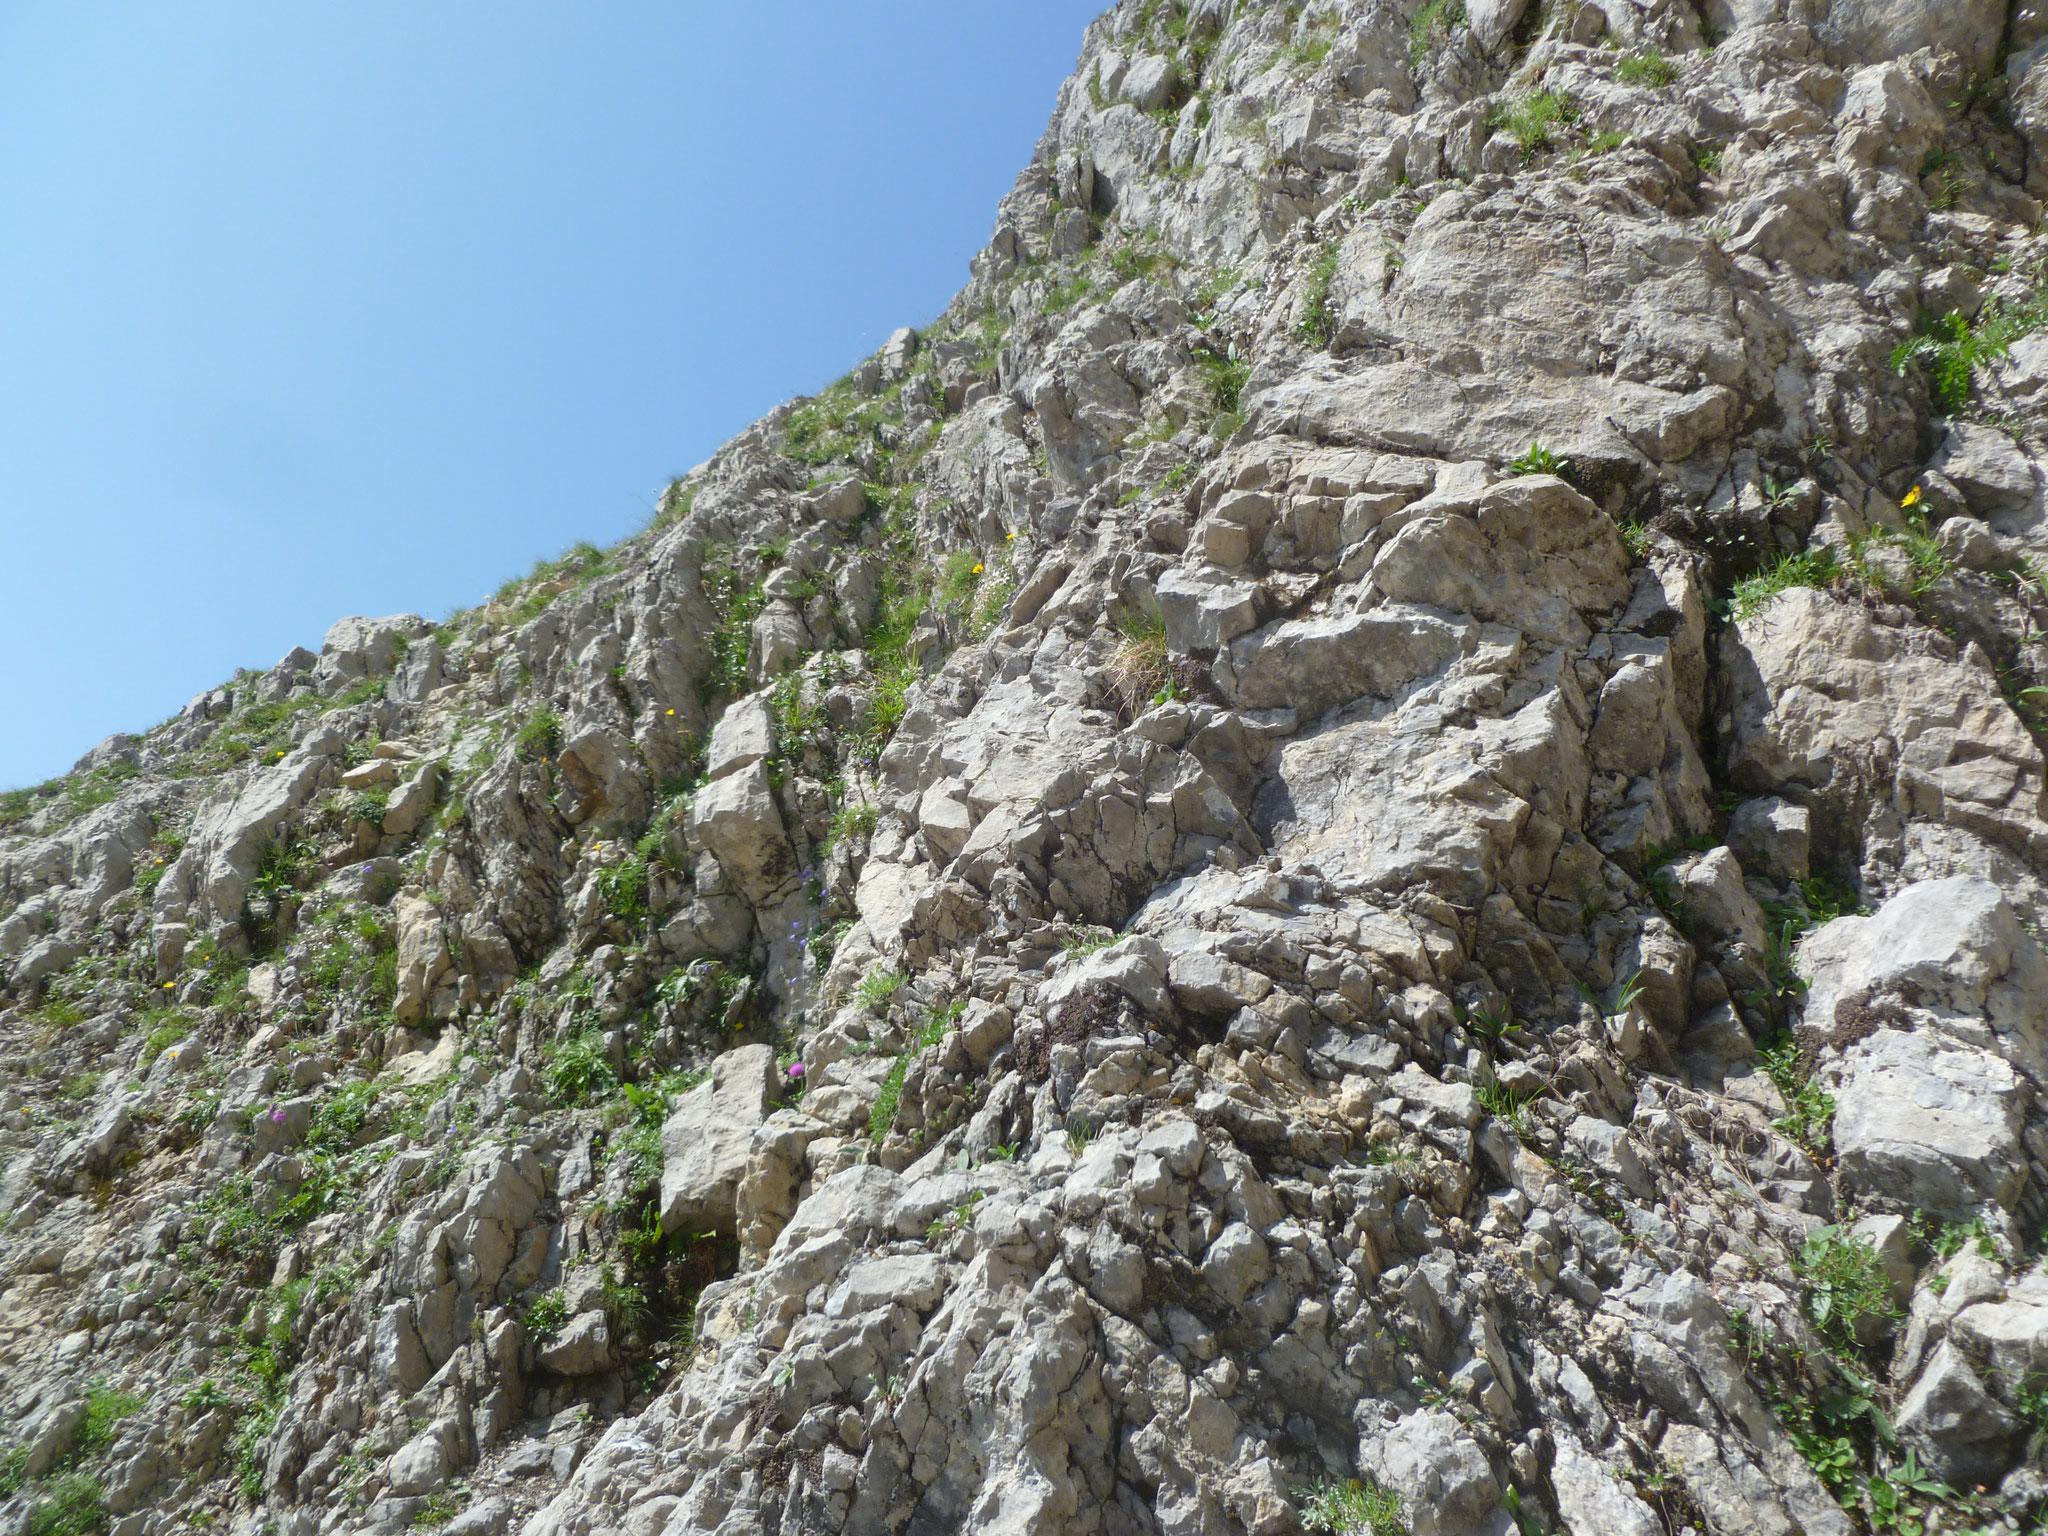 Einstieg in die erste Länge - kleine Vorschau auf die Felsqualität...